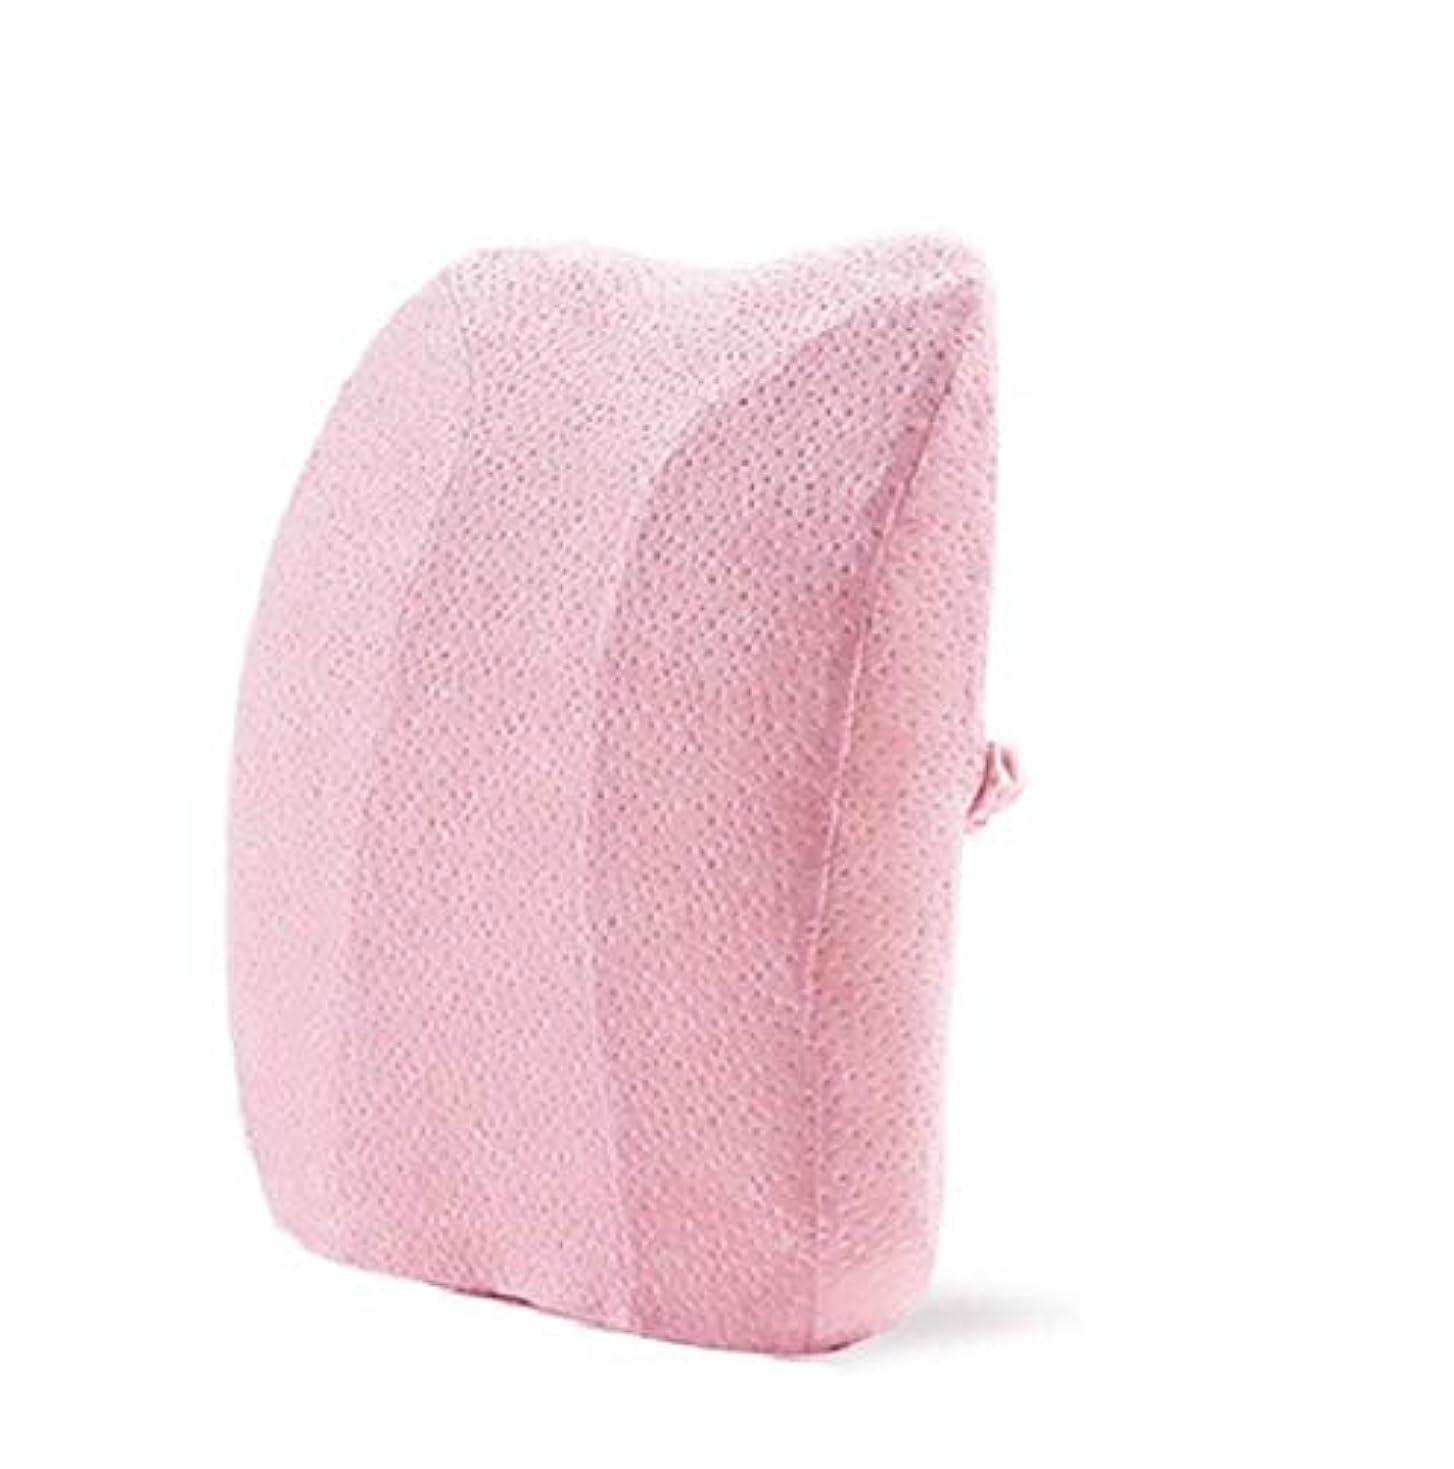 交流する千交流するサポート腰椎枕メモリ綿肥厚腰椎枕低速リバウンド枕コアオフィスシートベルト腰椎枕